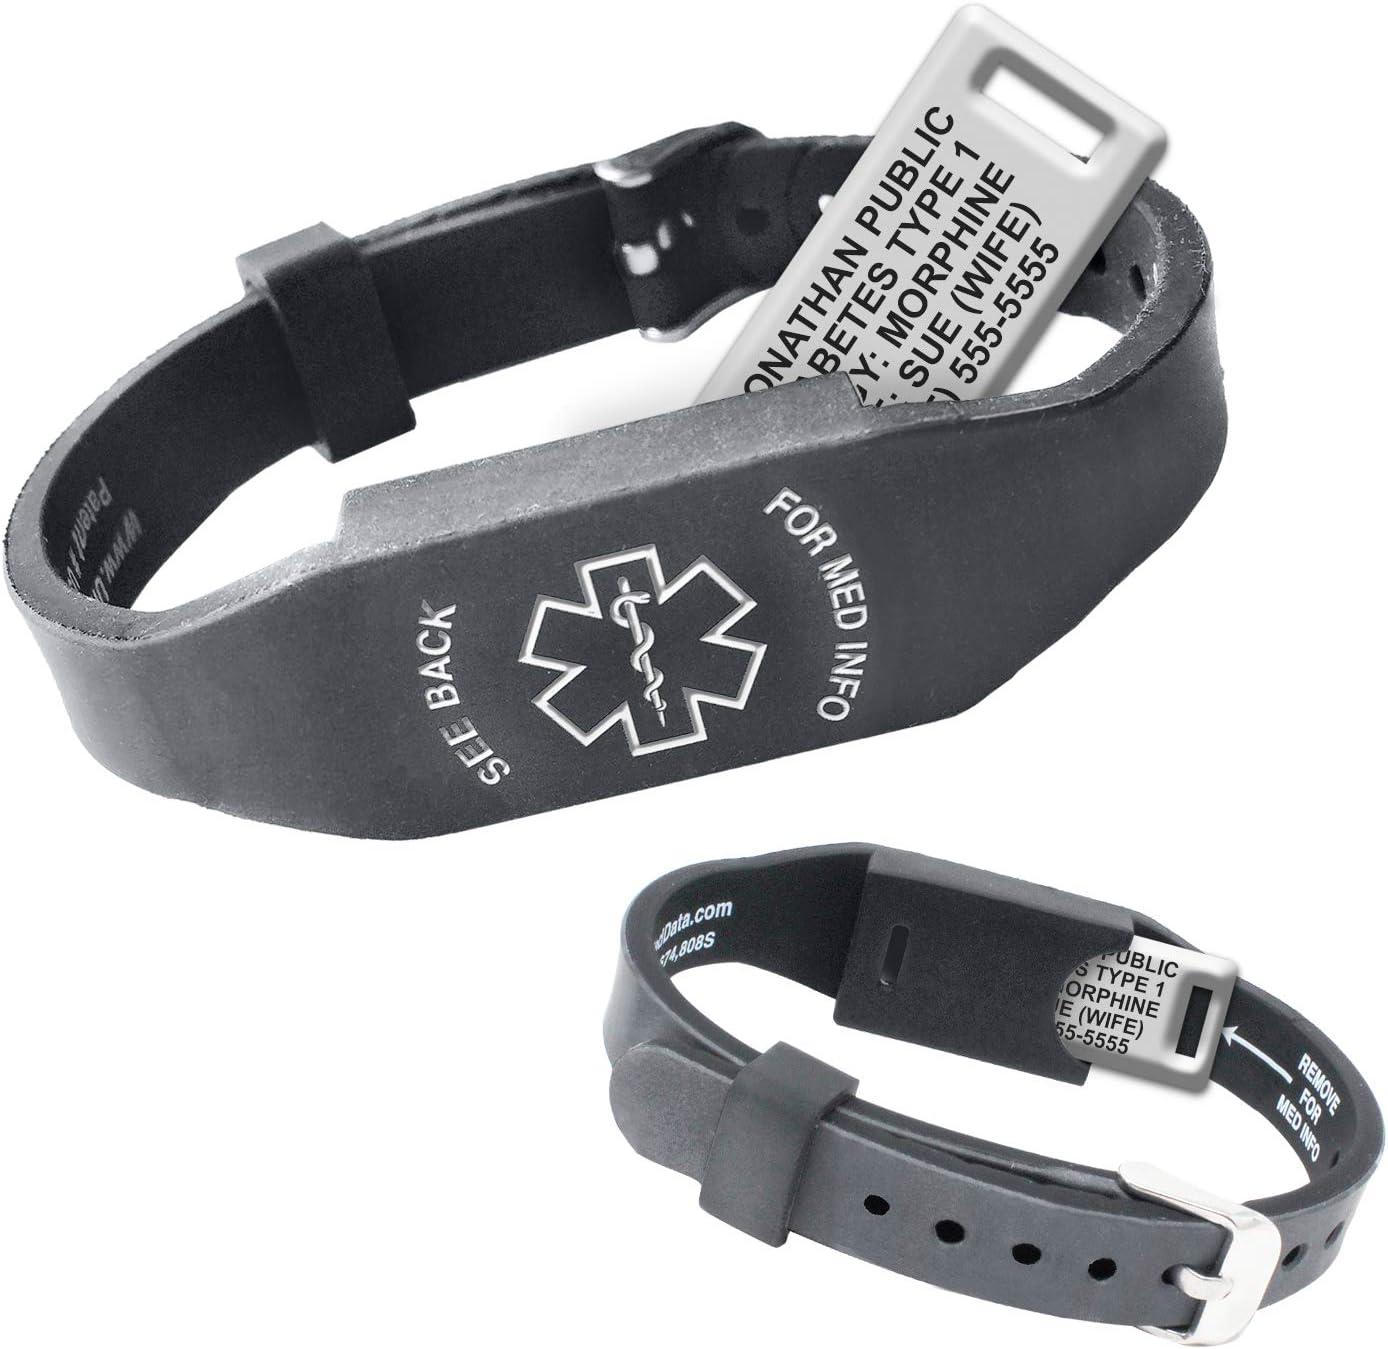 Waterproof Elite II Medical ID Bracelet (incl. 10 Lines Custom Engraving) - Gunmetal Gray